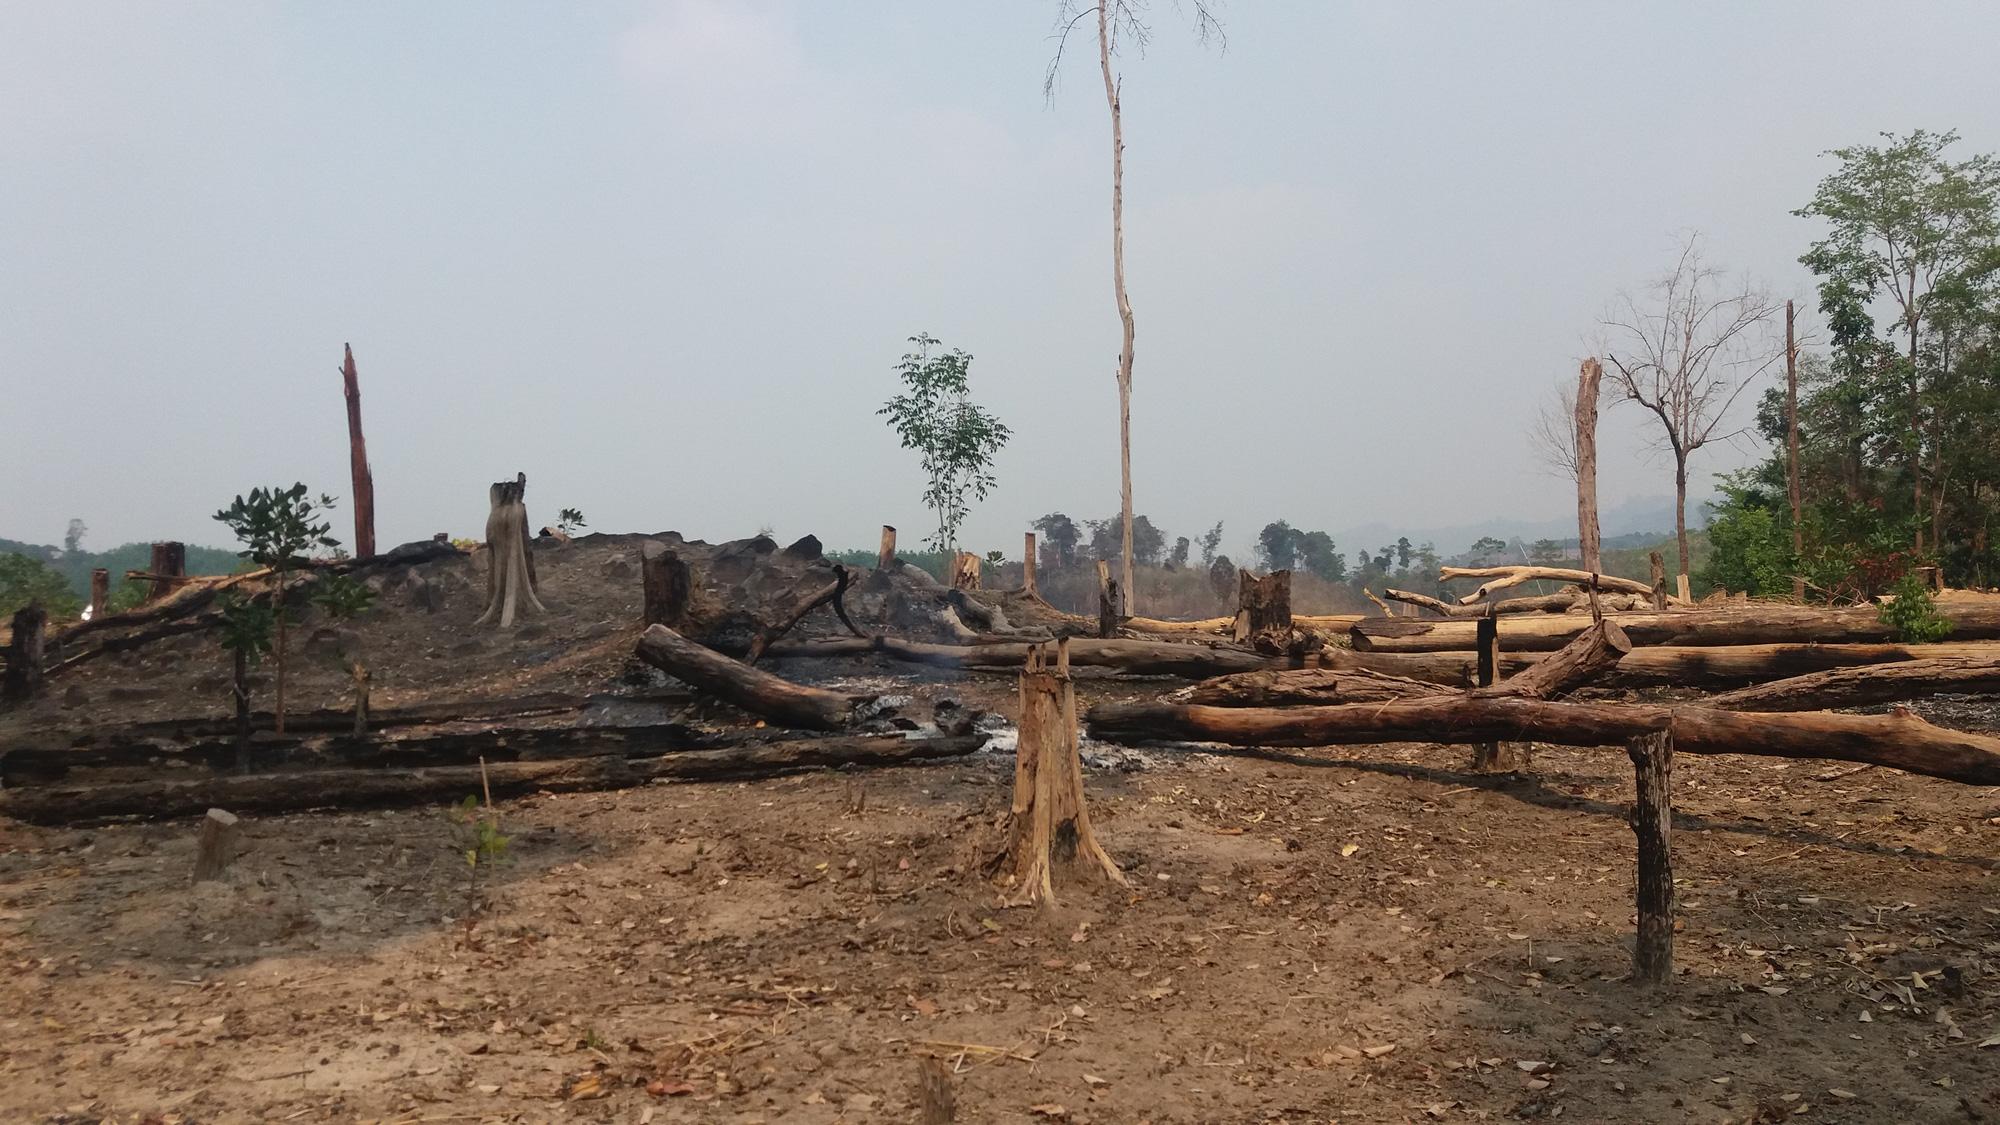 Mất hơn 550 ha rừng, dàn lãnh đạo Ban quản lý rừng bị kỷ luật - Ảnh 1.